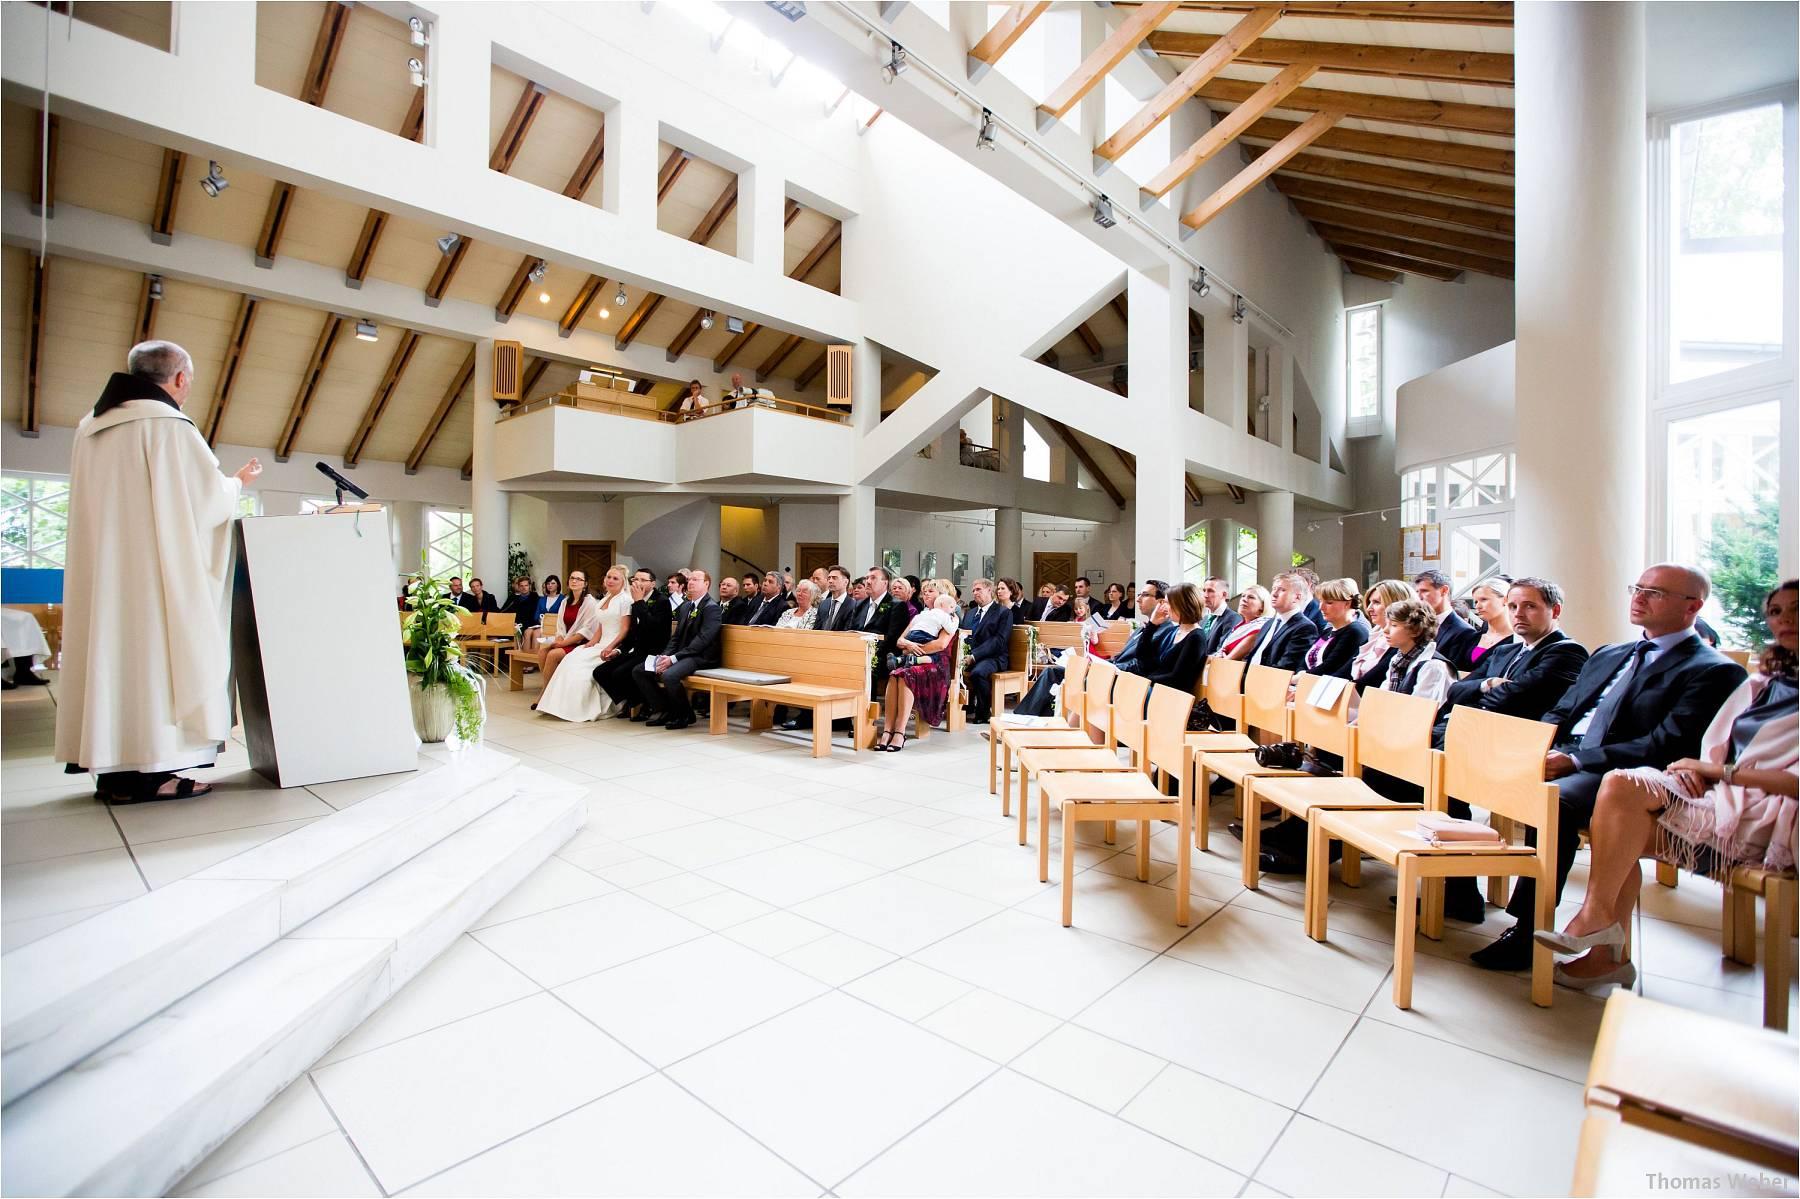 Hochzeitsfotograf Oldenburg: Hochzeit in der Keramikscheune Spickendorf in Halle an der Saale (33)